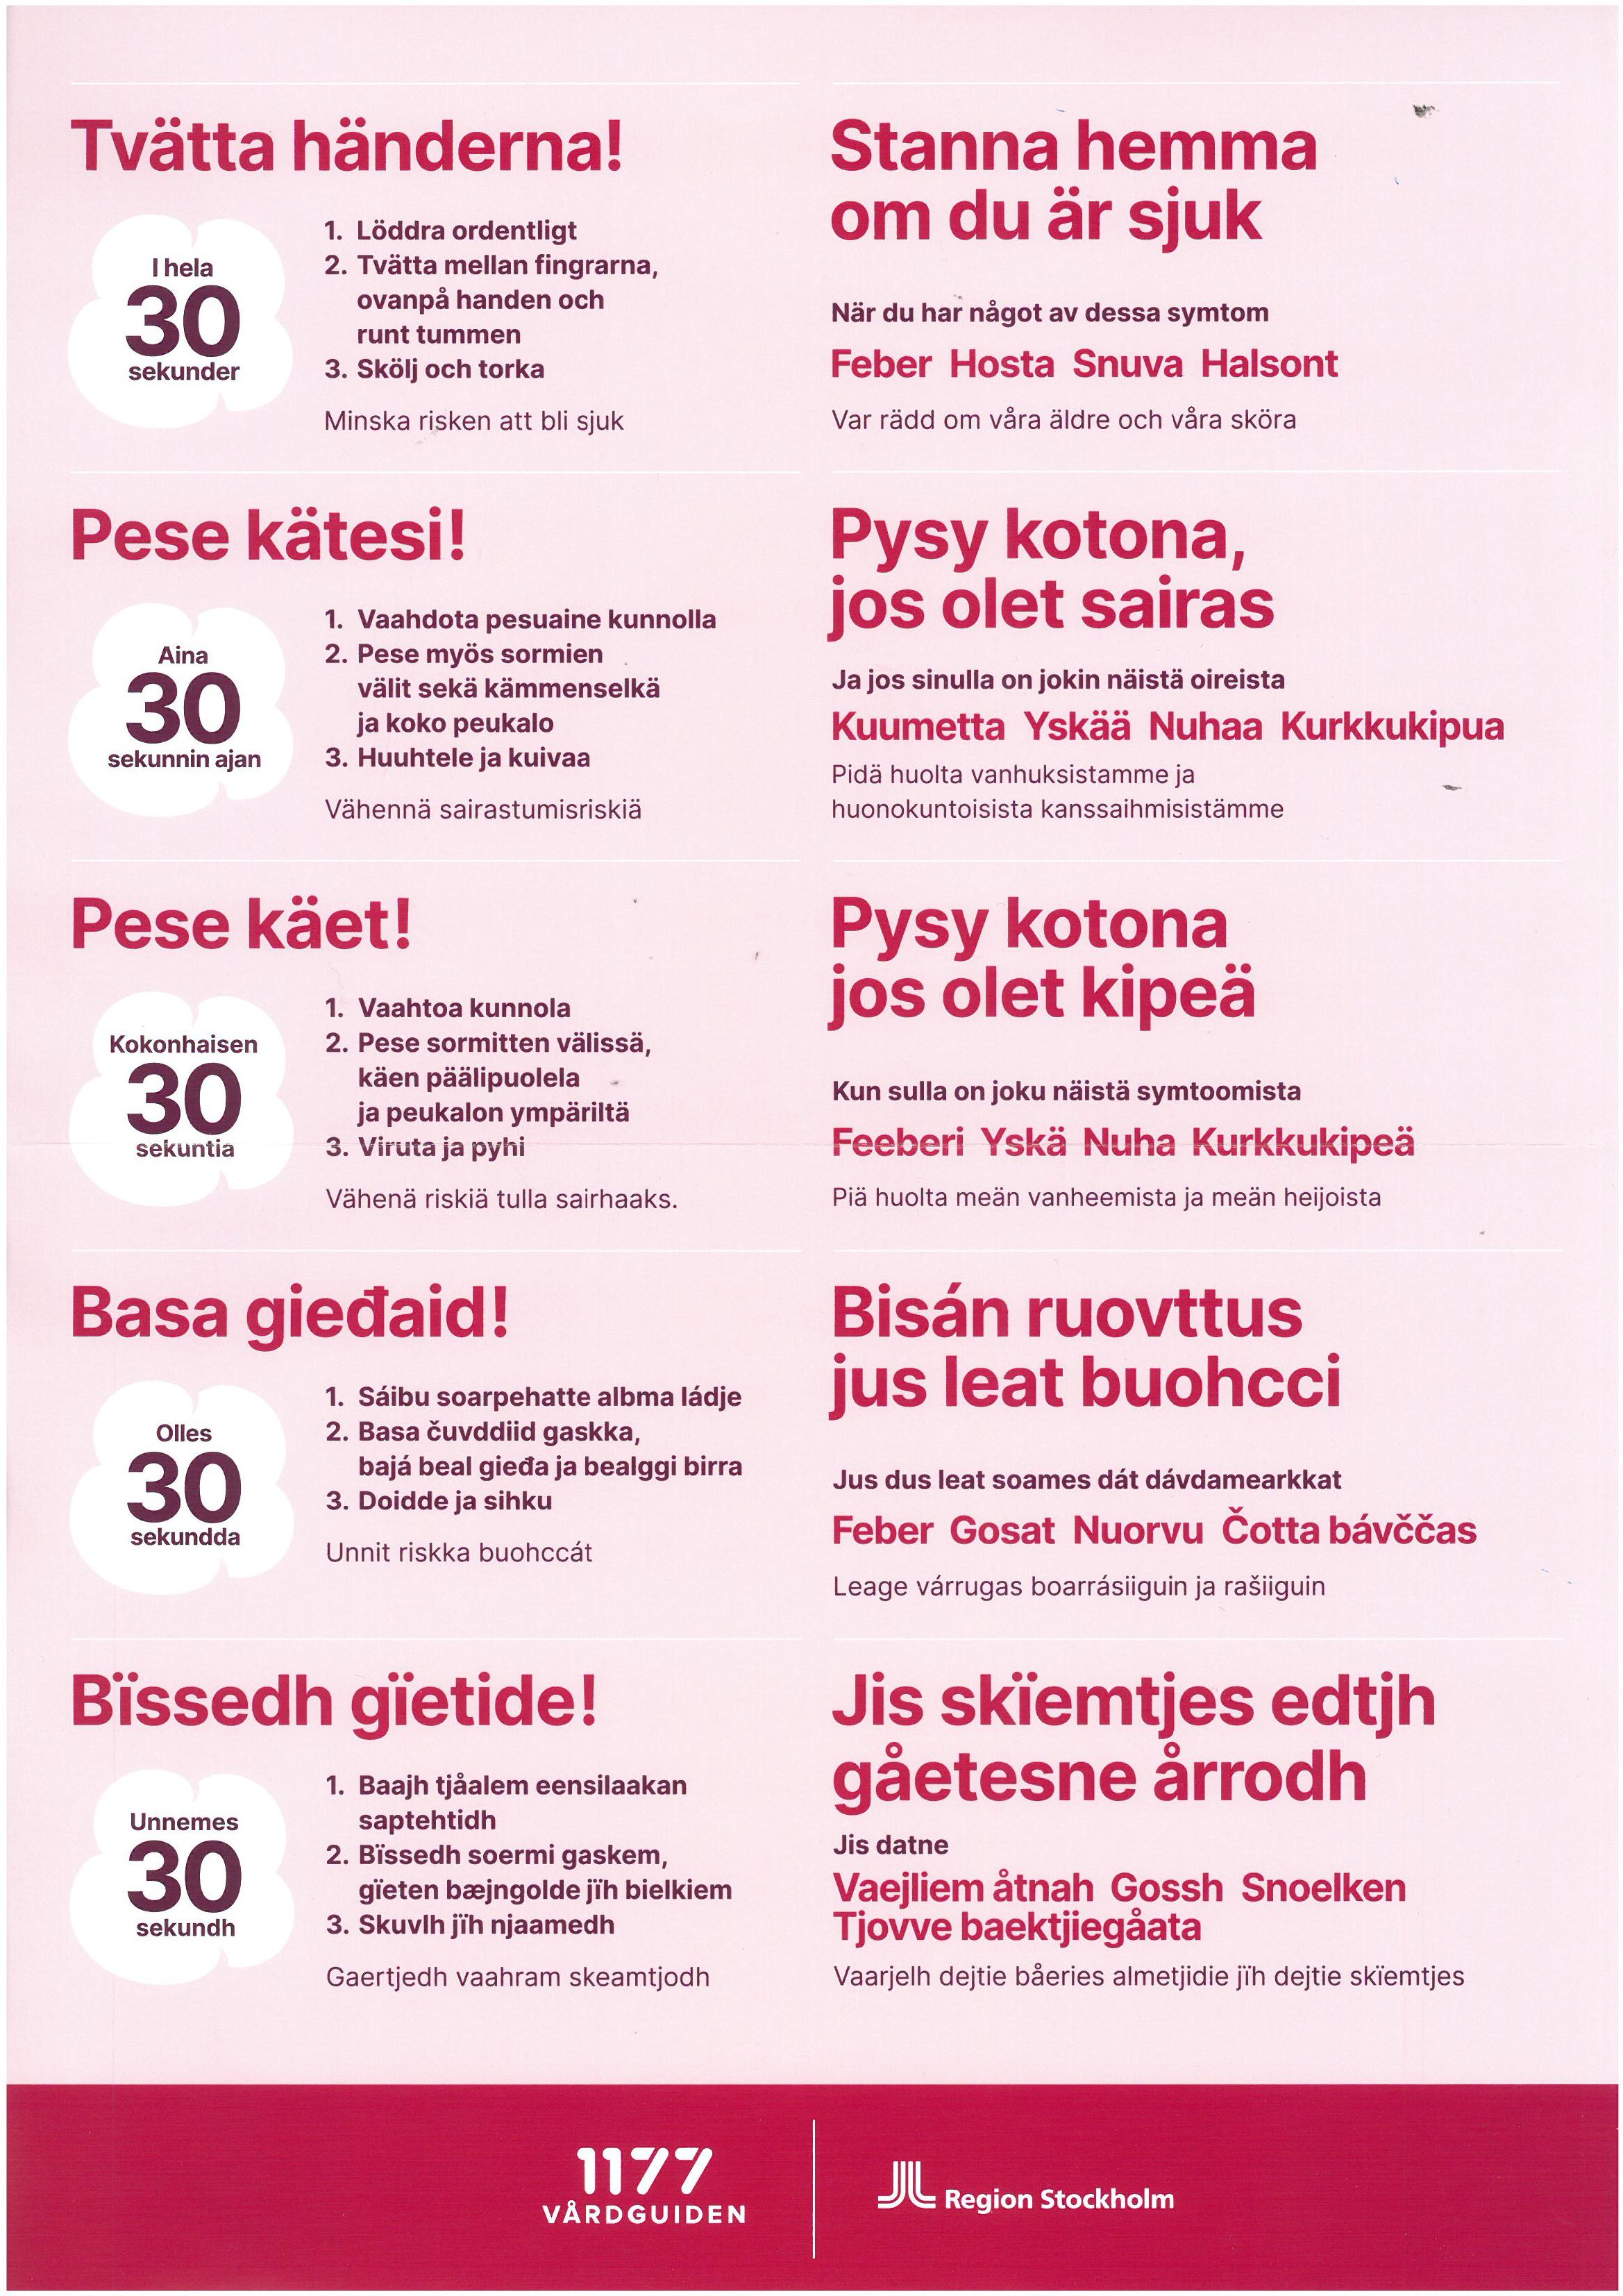 Coronarekommendation Olika Språk Sida 3